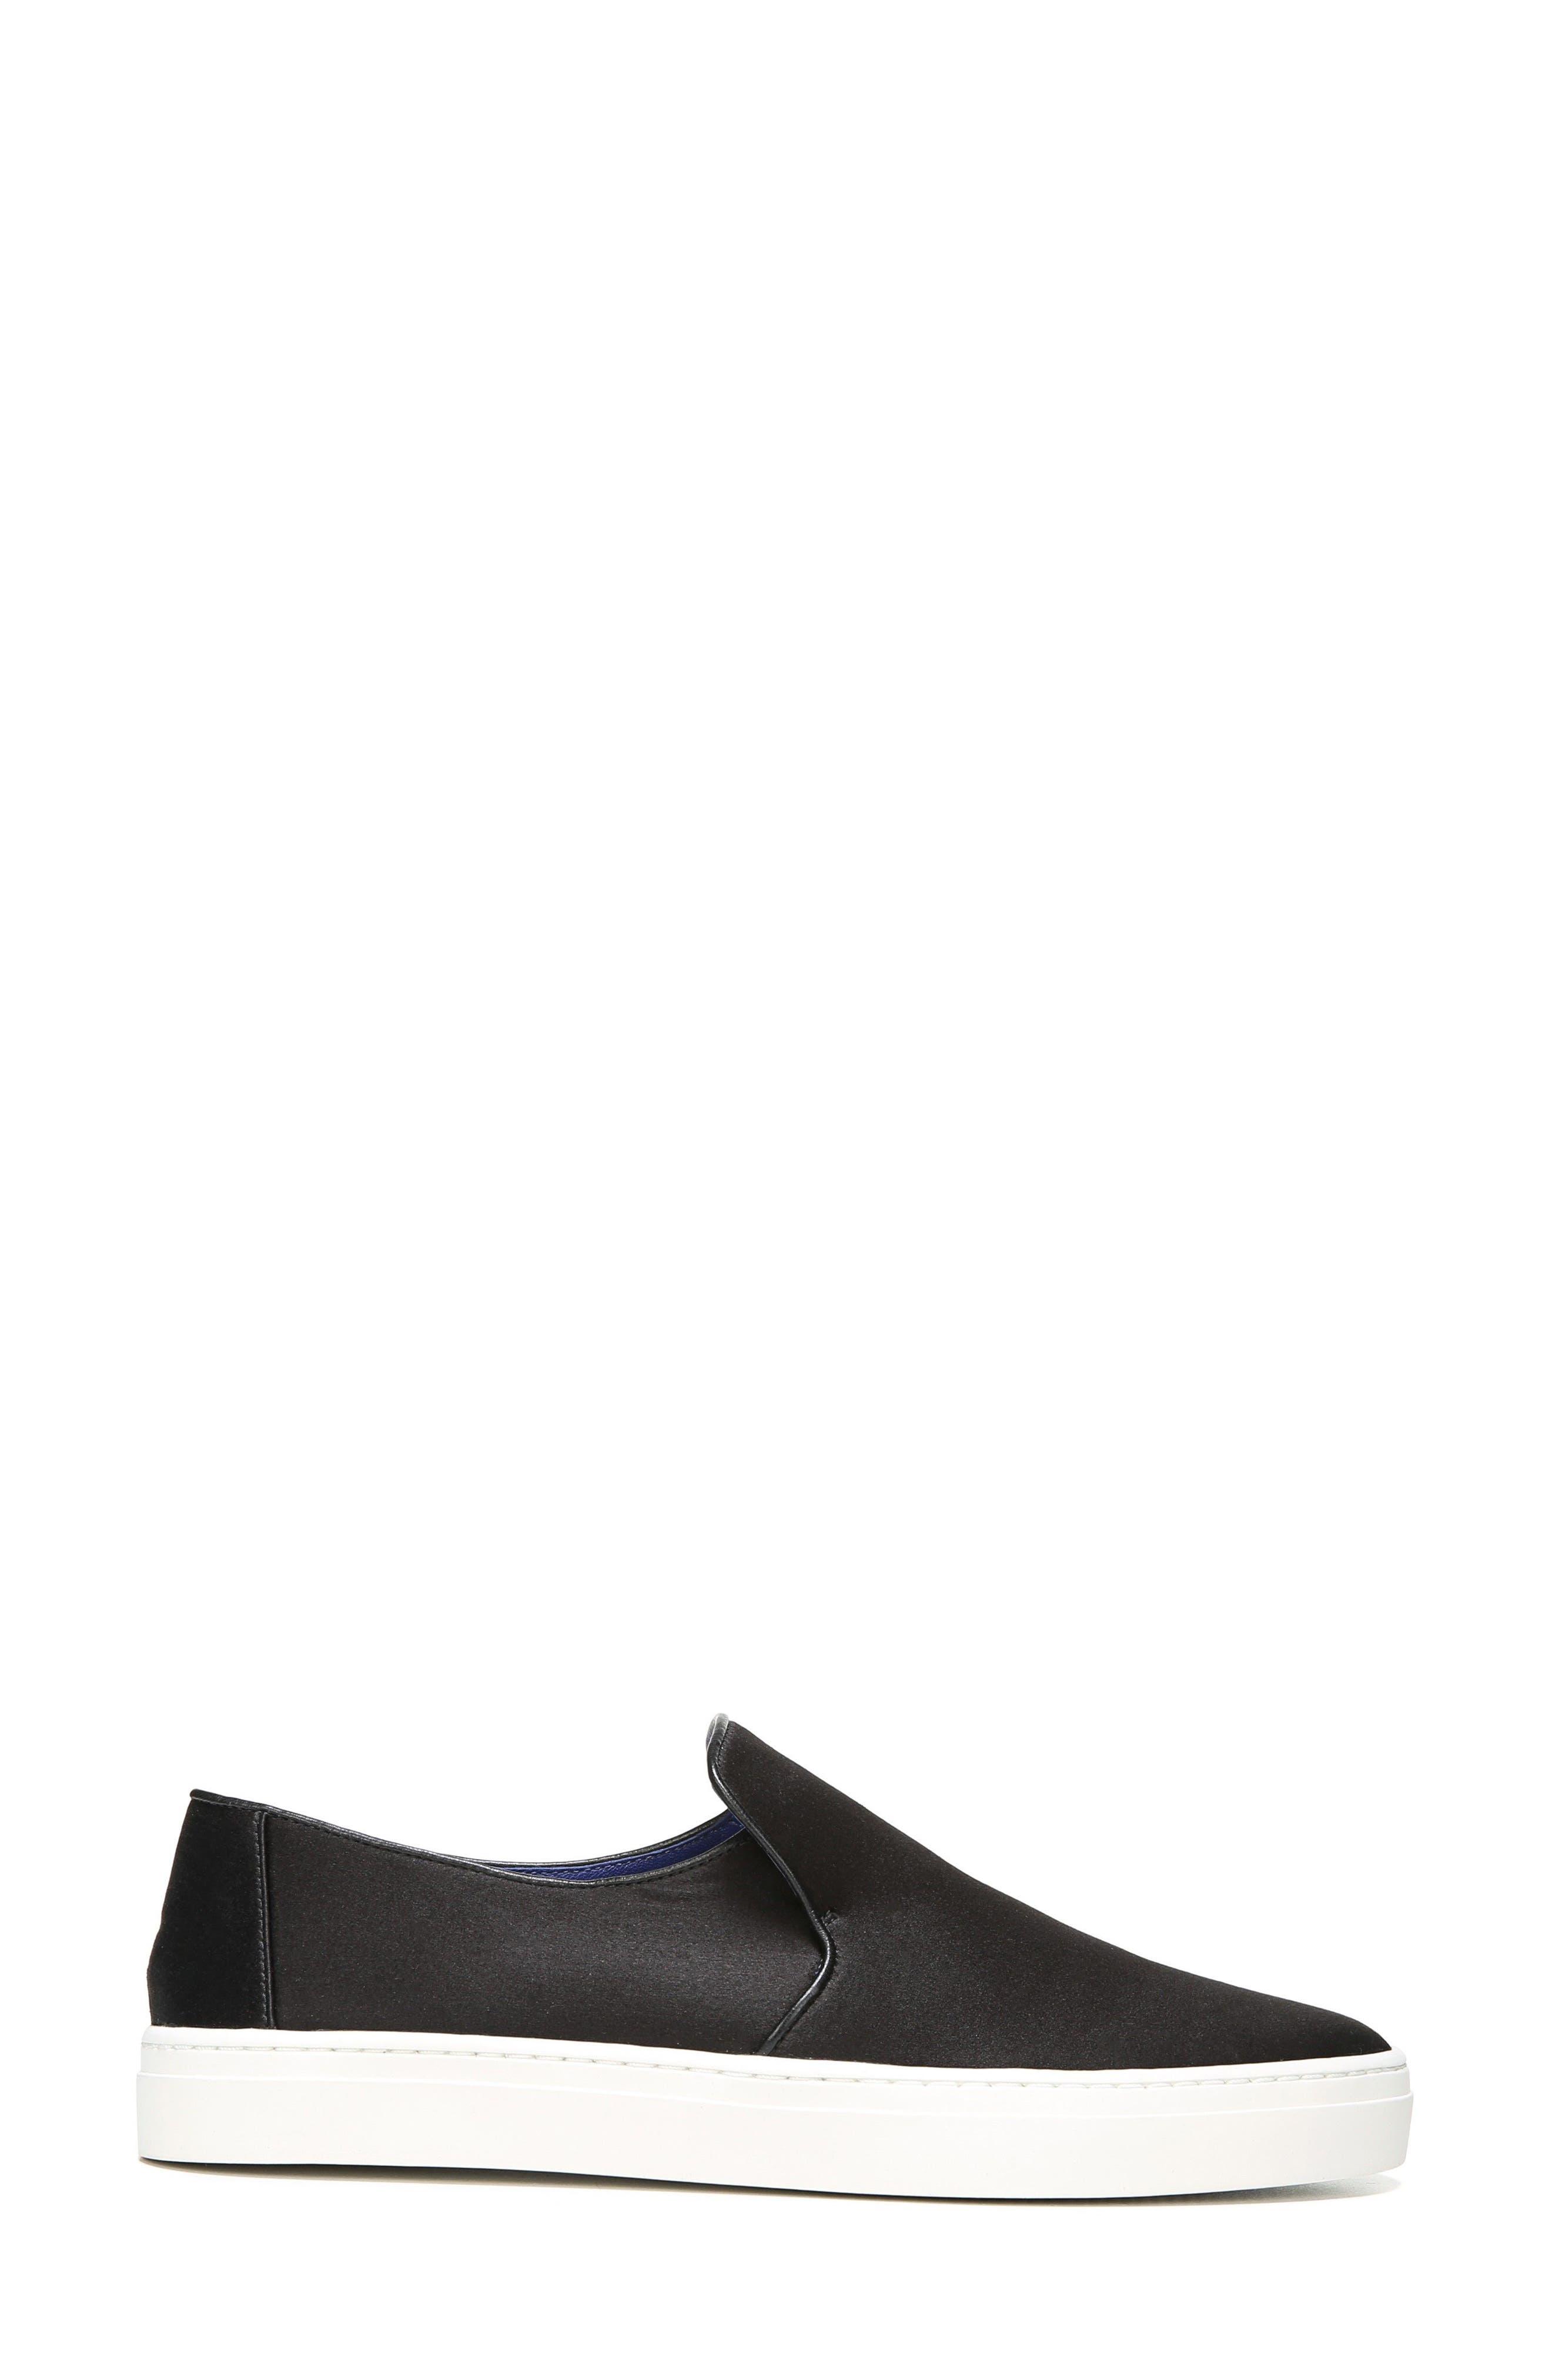 Budapest Slip-On Sneaker,                             Alternate thumbnail 3, color,                             Black